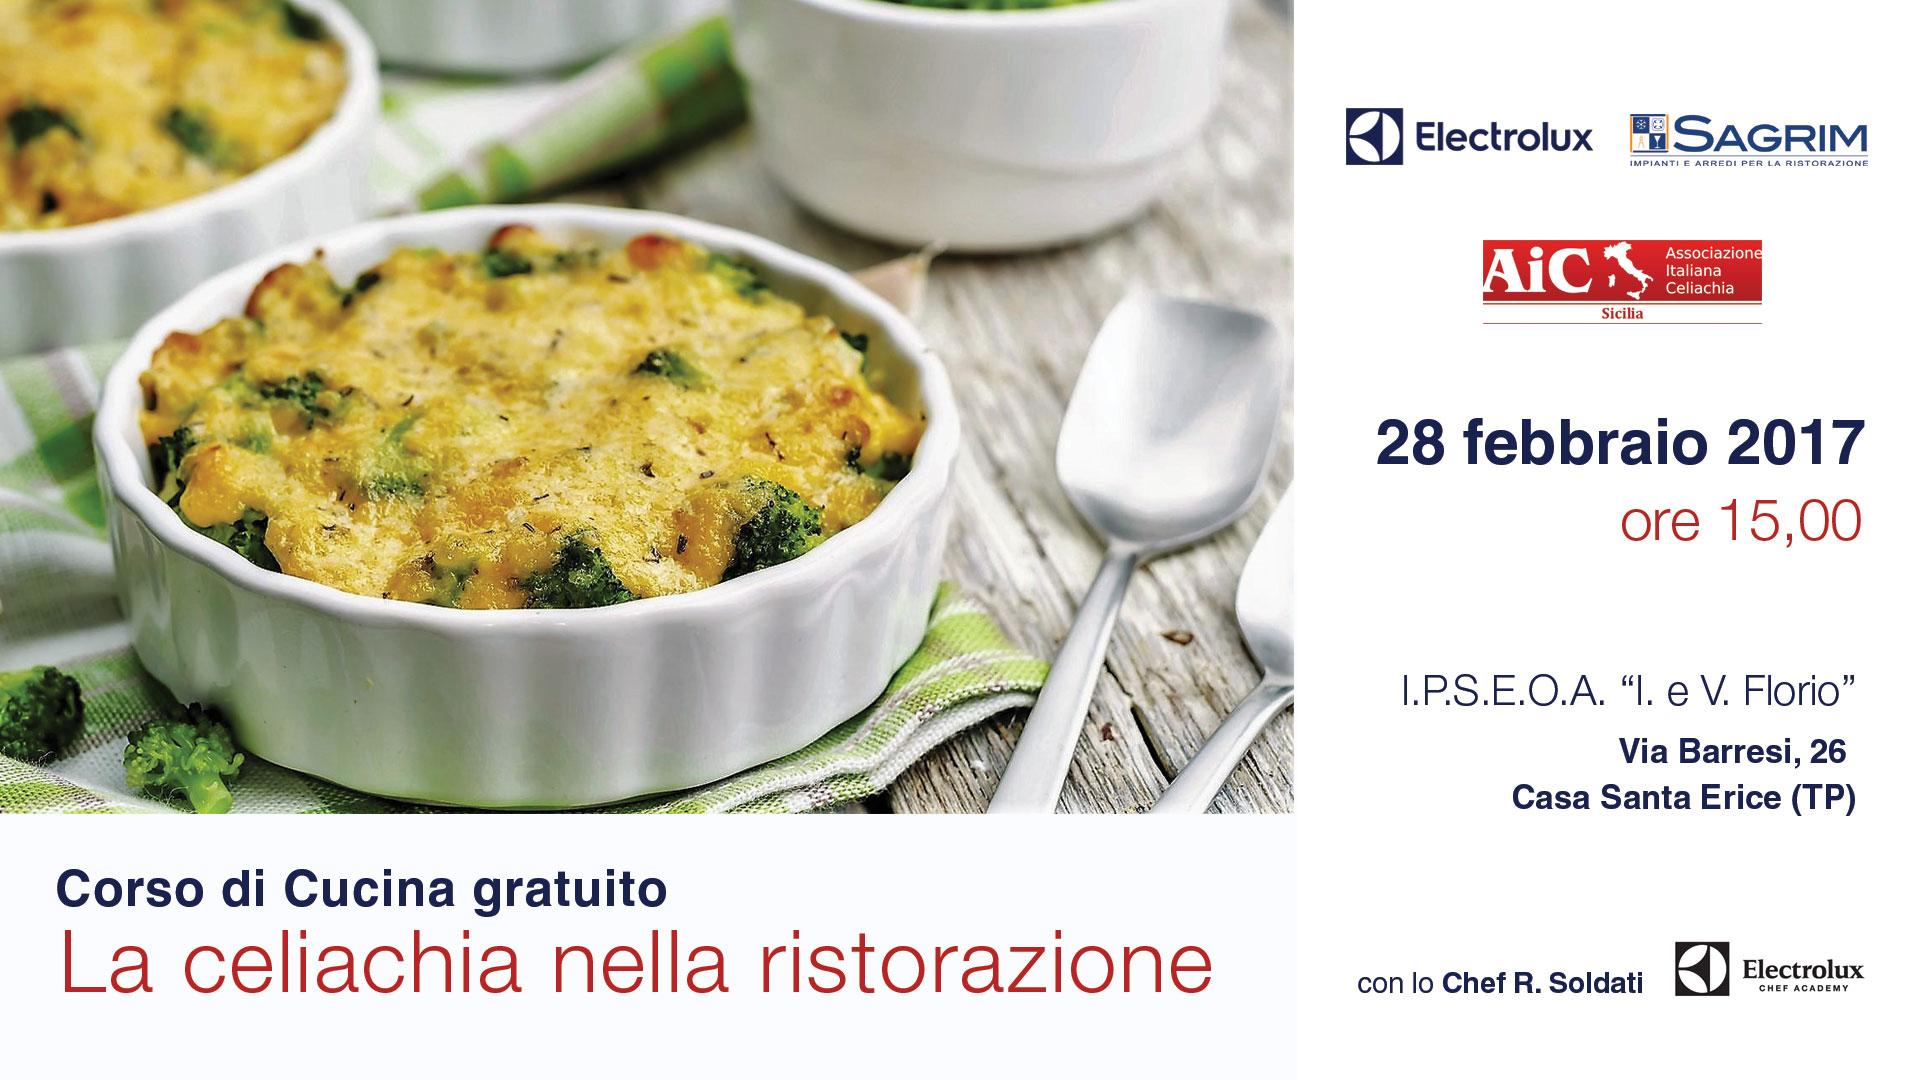 corso di cucina gratuito la celiachia nella ristorazione